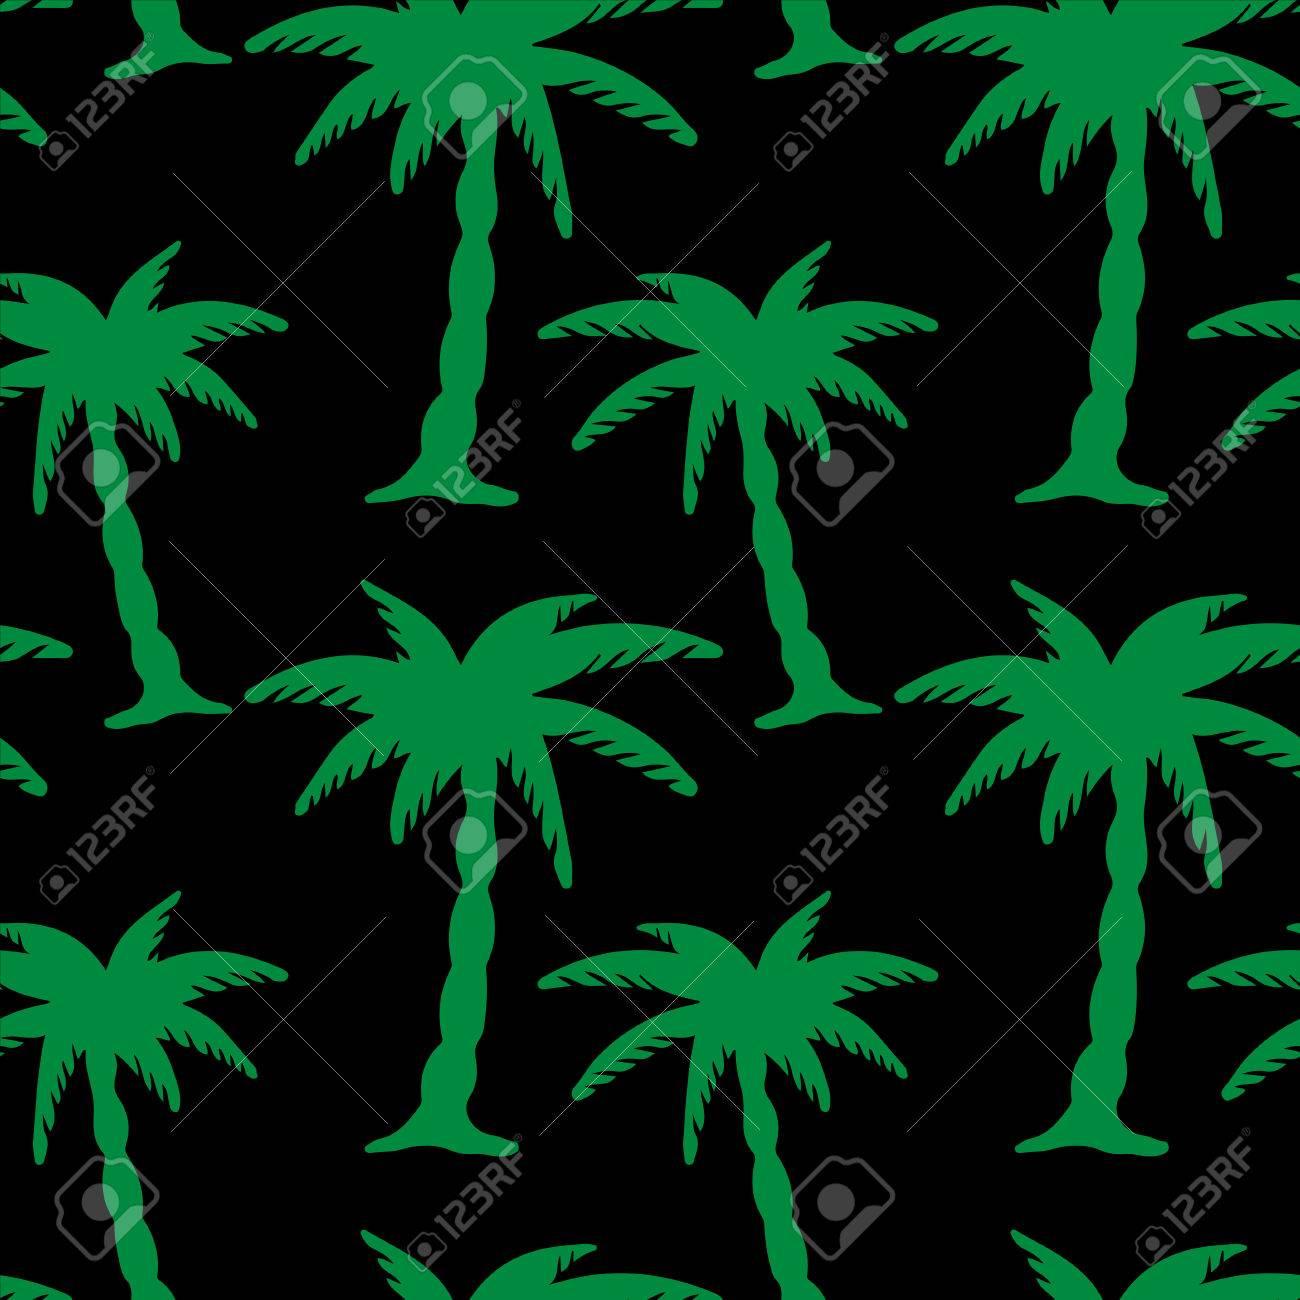 シルエット熱帯の椰子の木と抽象的な花柄シームレス パターン 夏の背景 熱帯雨林 無限印刷テクスチャです ファブリックの設計 壁紙のイラスト素材 ベクタ Image